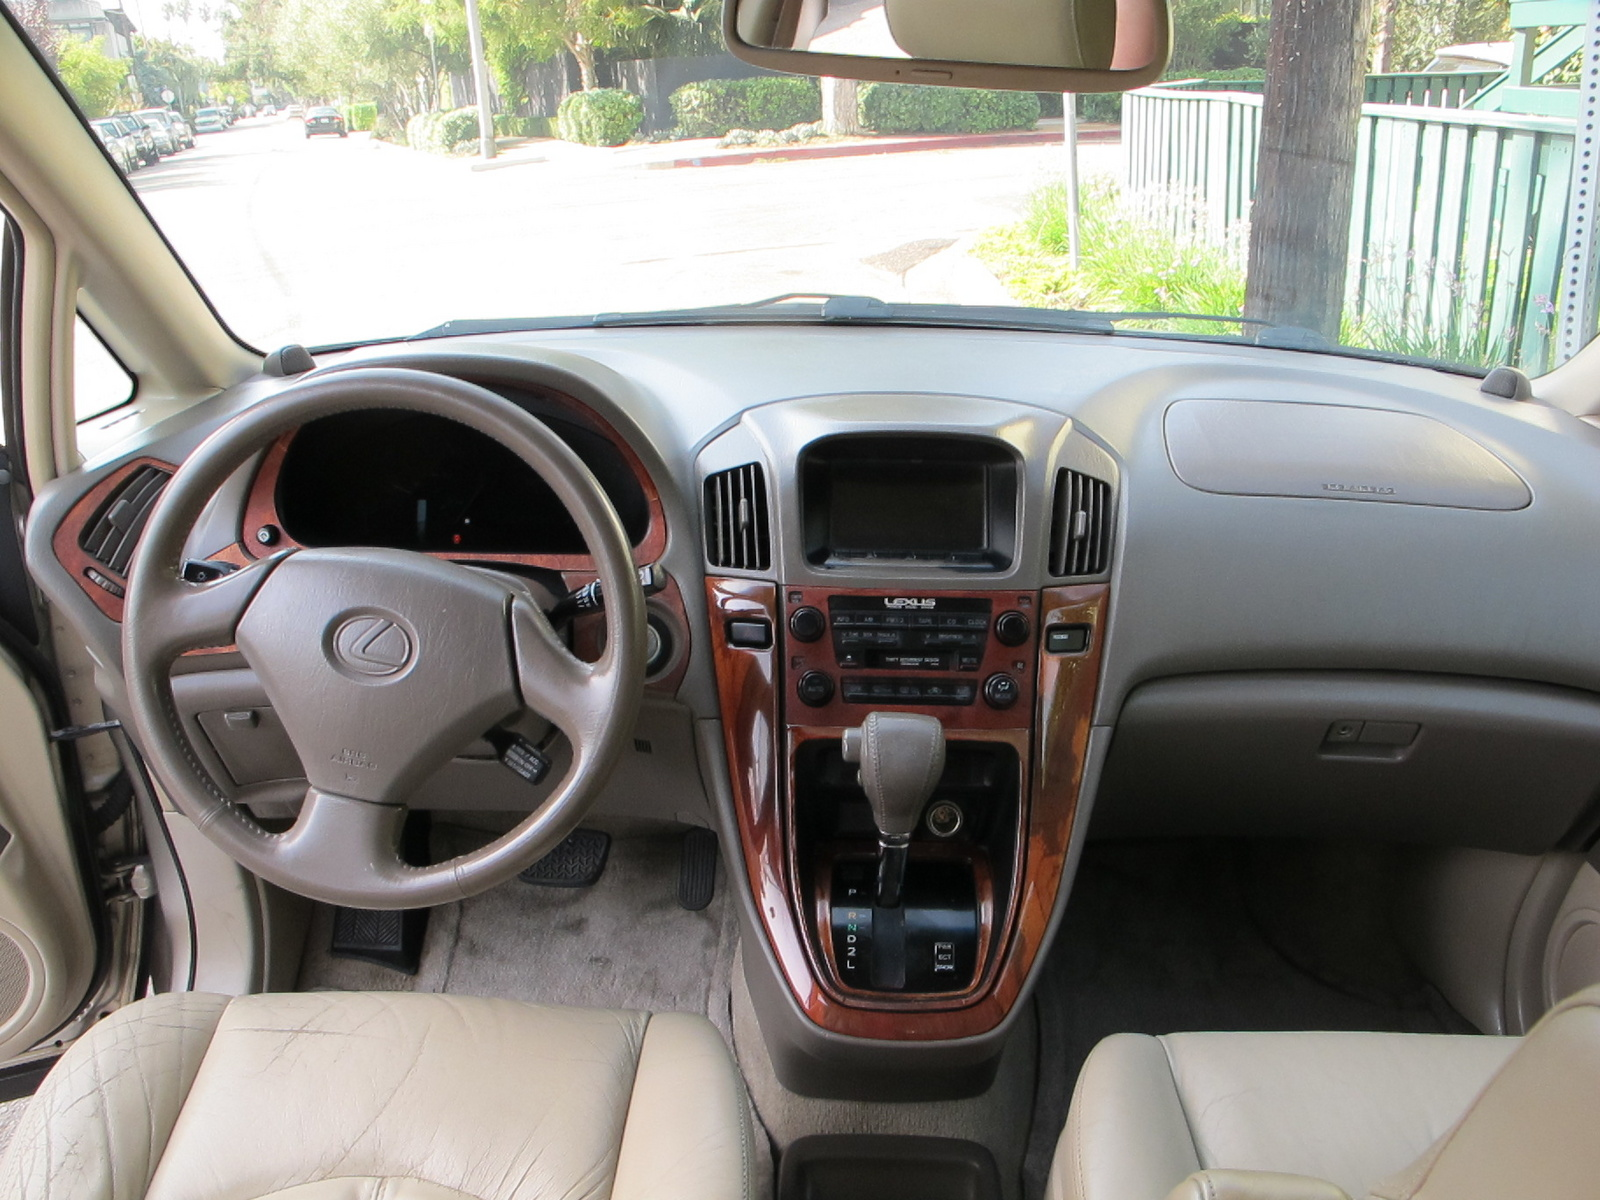 1999 Lexus RX 300 Pictures CarGurus